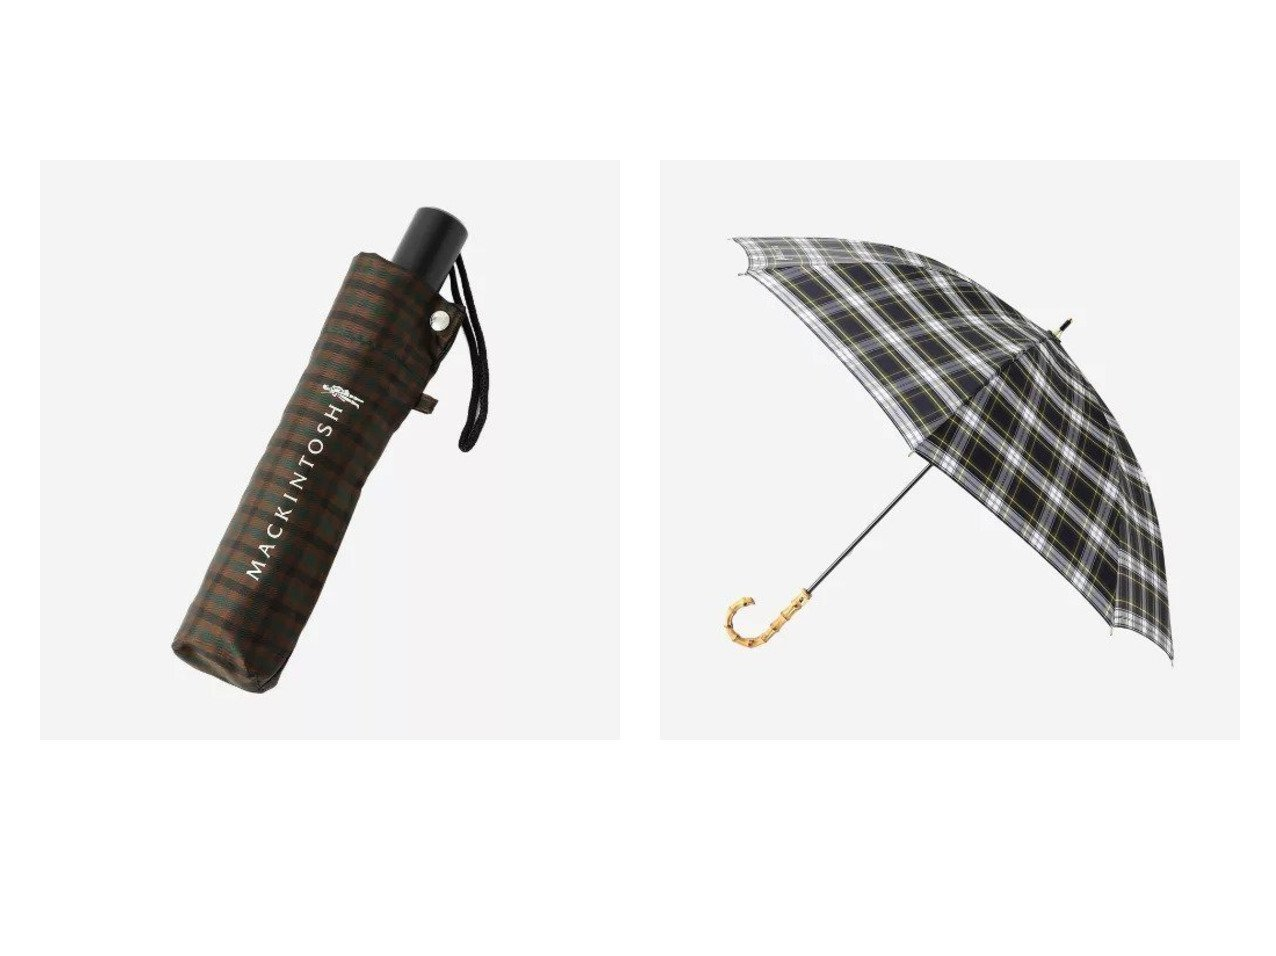 【MACKINTOSH LONDON/マッキントッシュ ロンドン】の【MACKINTOSH】チェック柄折り畳み傘&【MACKINTOSH】タータンチェックアンブレラ おすすめ!人気、トレンド・レディースファッションの通販 おすすめで人気の流行・トレンド、ファッションの通販商品 インテリア・家具・メンズファッション・キッズファッション・レディースファッション・服の通販 founy(ファニー) https://founy.com/ ファッション Fashion レディースファッション WOMEN 傘 / レイングッズ Umbrellas/Rainwear チェック 傘 A/W・秋冬 AW・Autumn/Winter・FW・Fall-Winter クラシカル 軽量 |ID:crp329100000074595